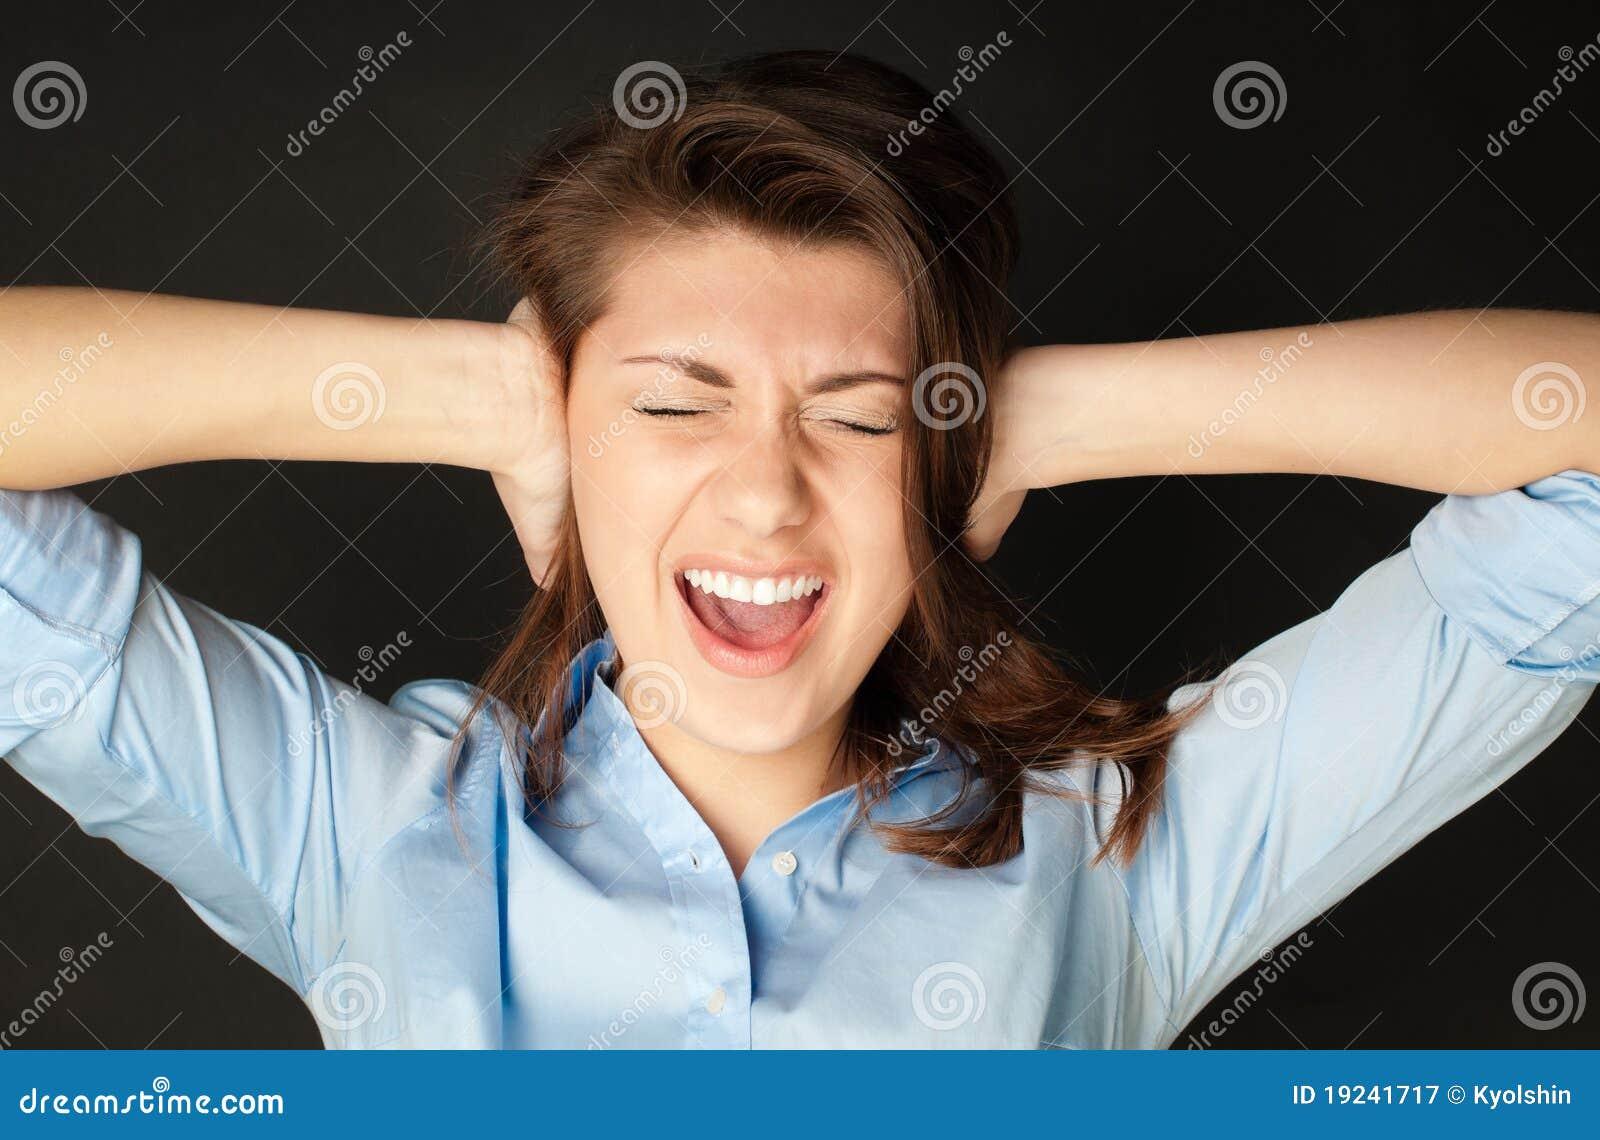 Что такое когда девушка кричит на парня 10 фотография